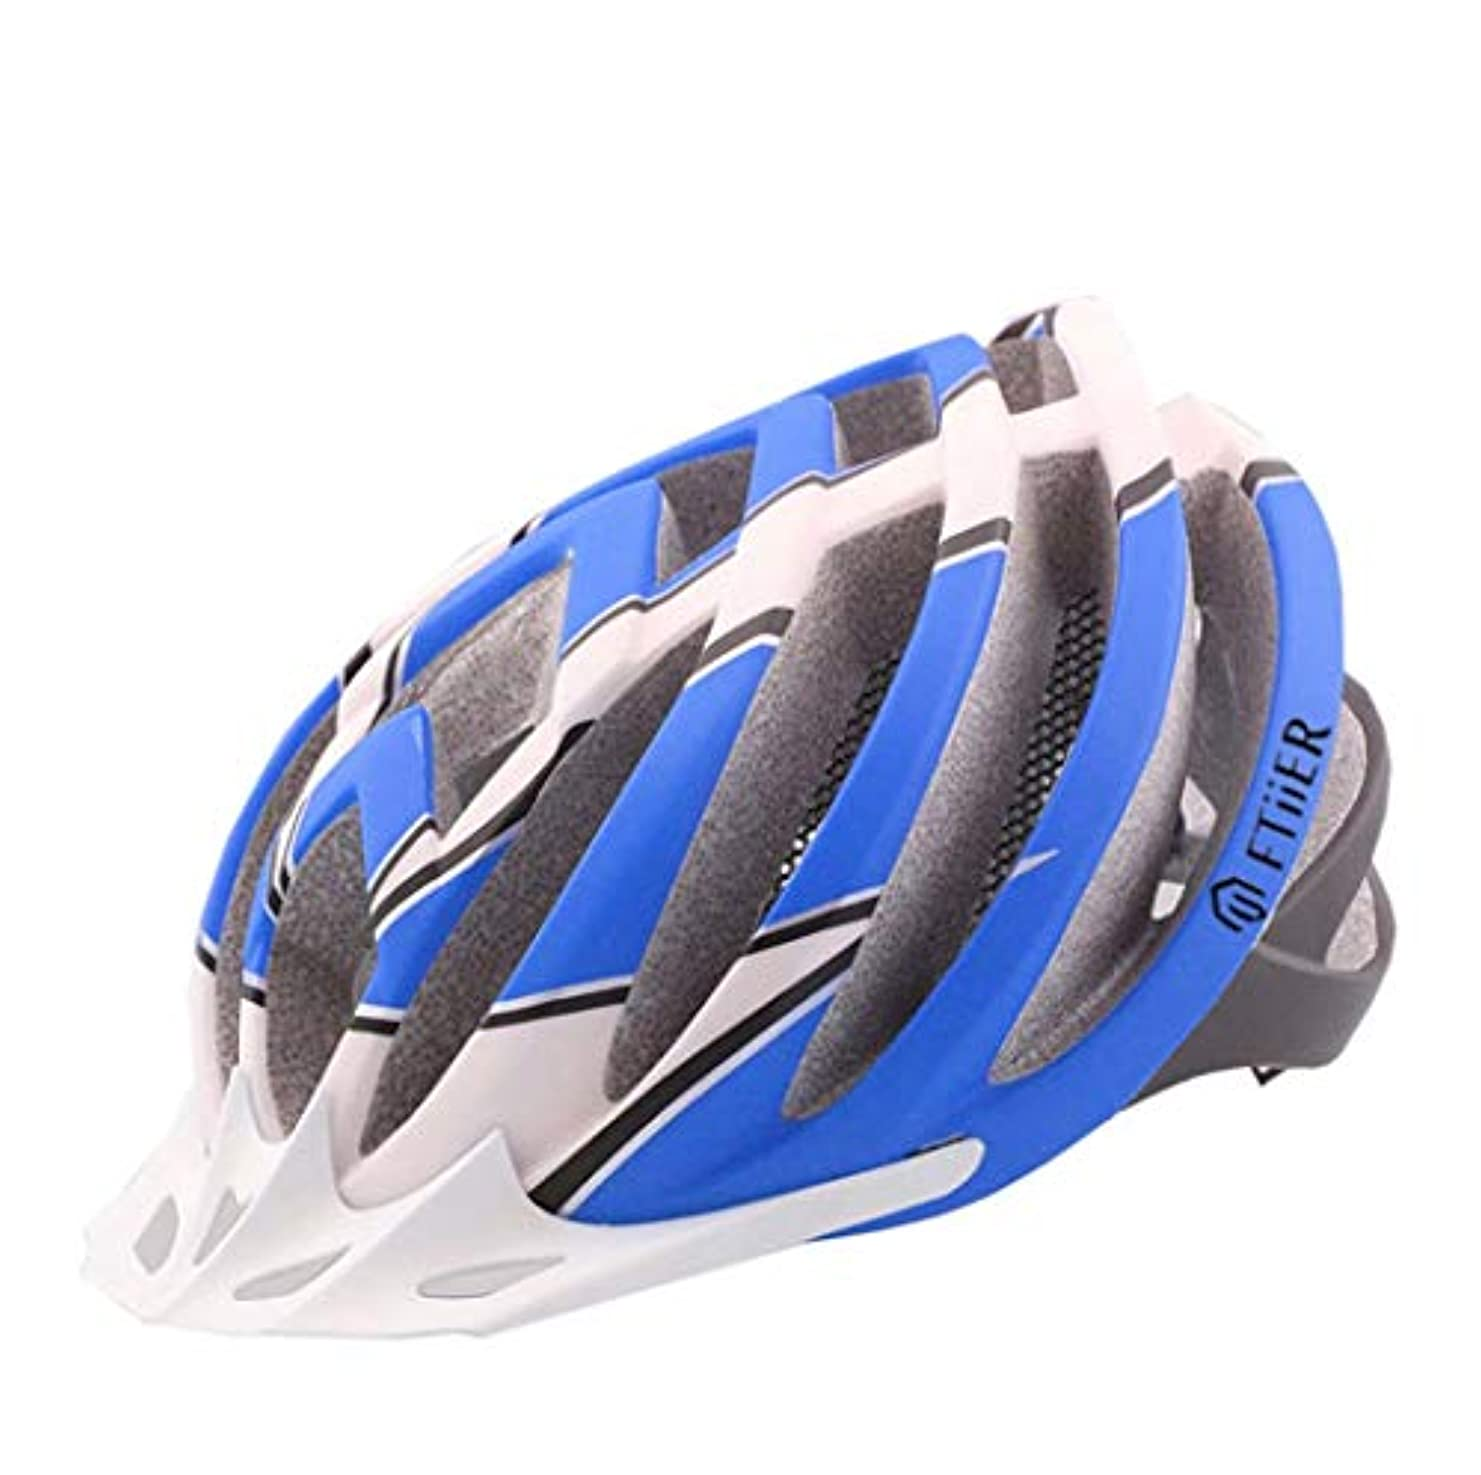 マーキングその間反響する自転車ヘルメット, 軽量サイクリングヘルメット pc 屋外自転車ヘルメット男性と女性の若者のスポーツヘルメットを調整するのは簡単